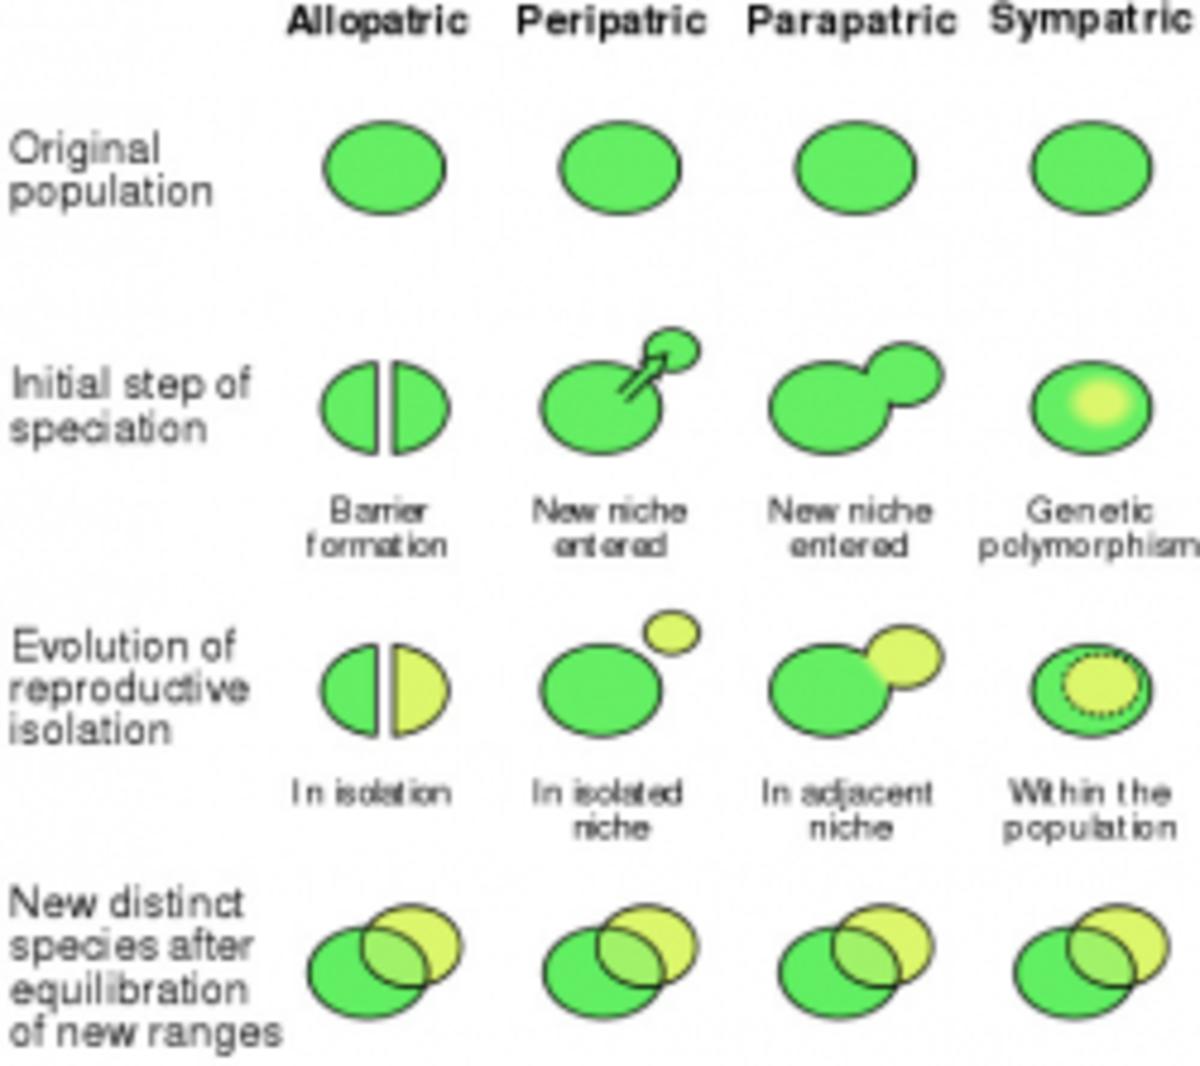 Speciation Diagram